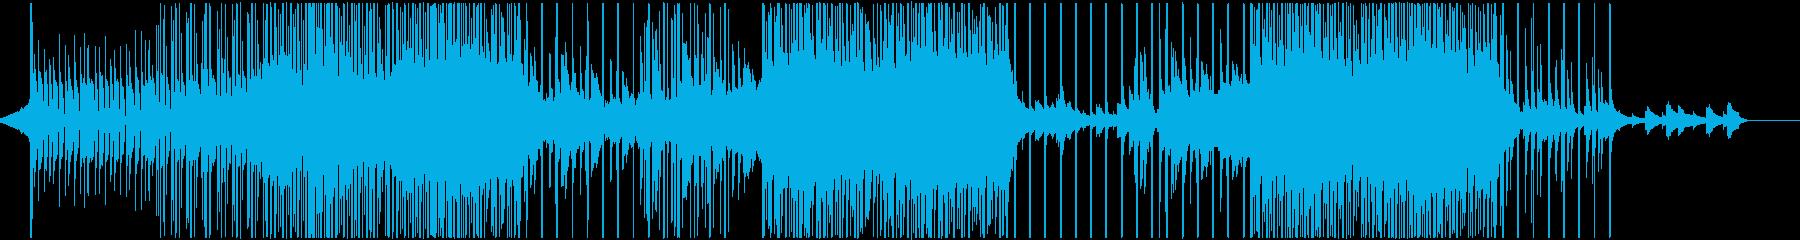 哀愁的なトロピカルハウスの再生済みの波形